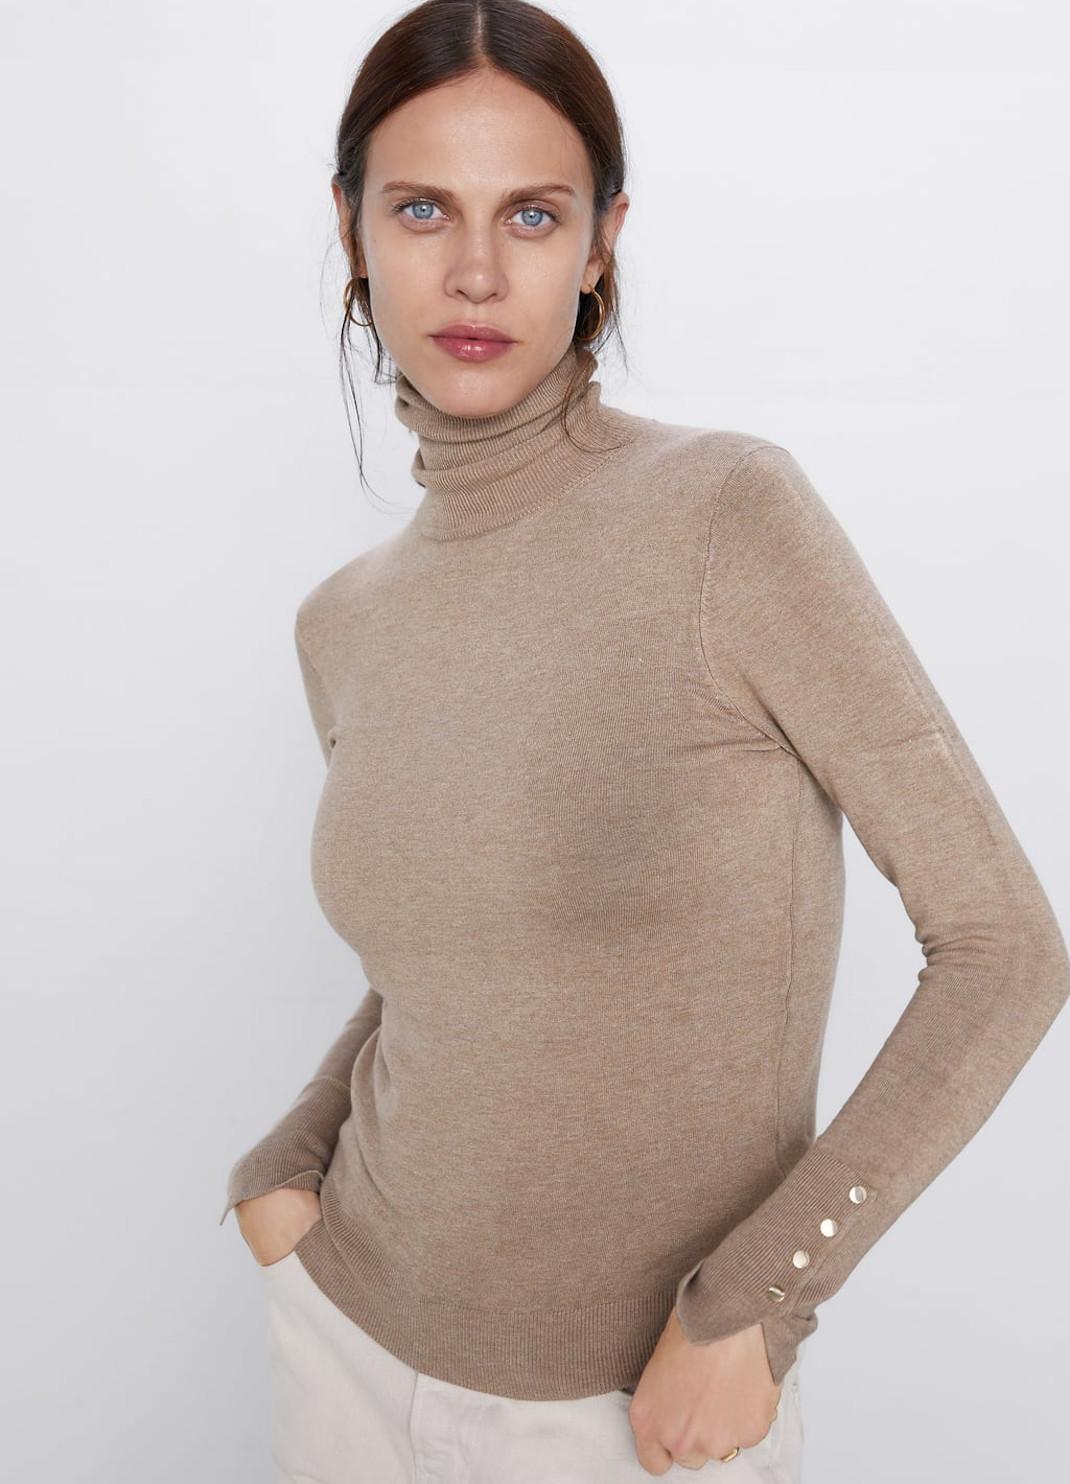 γυναίκα με πλεκτό πουλόβερ Zara